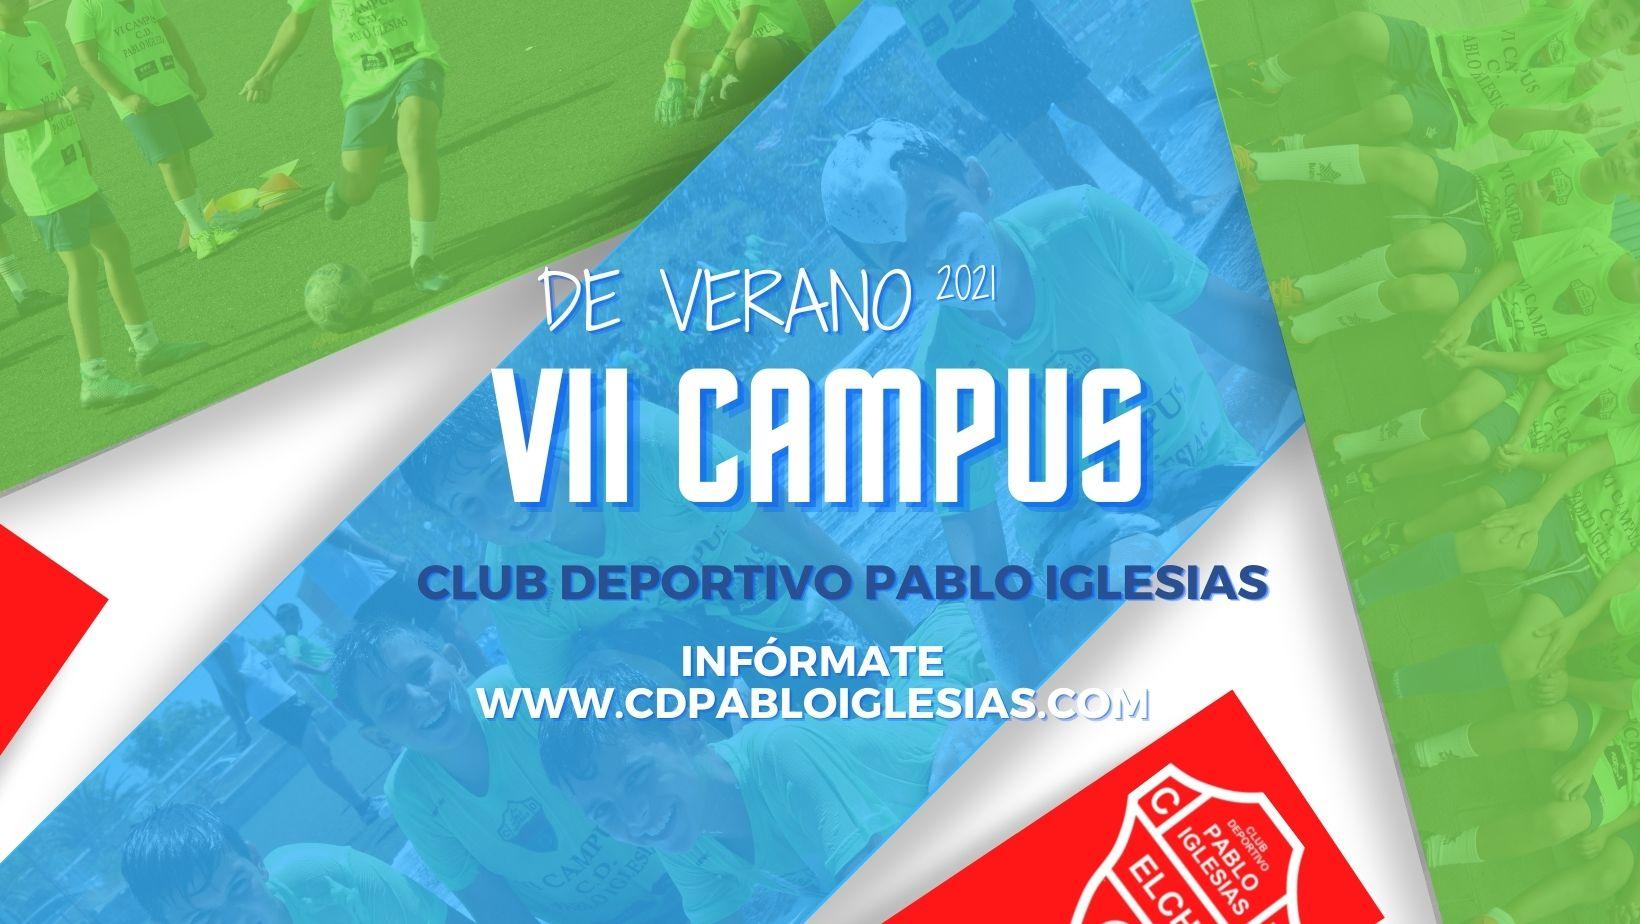 Se abre el plazo de inscripción para el Campus de Verano C.D. Pablo Iglesias 2021